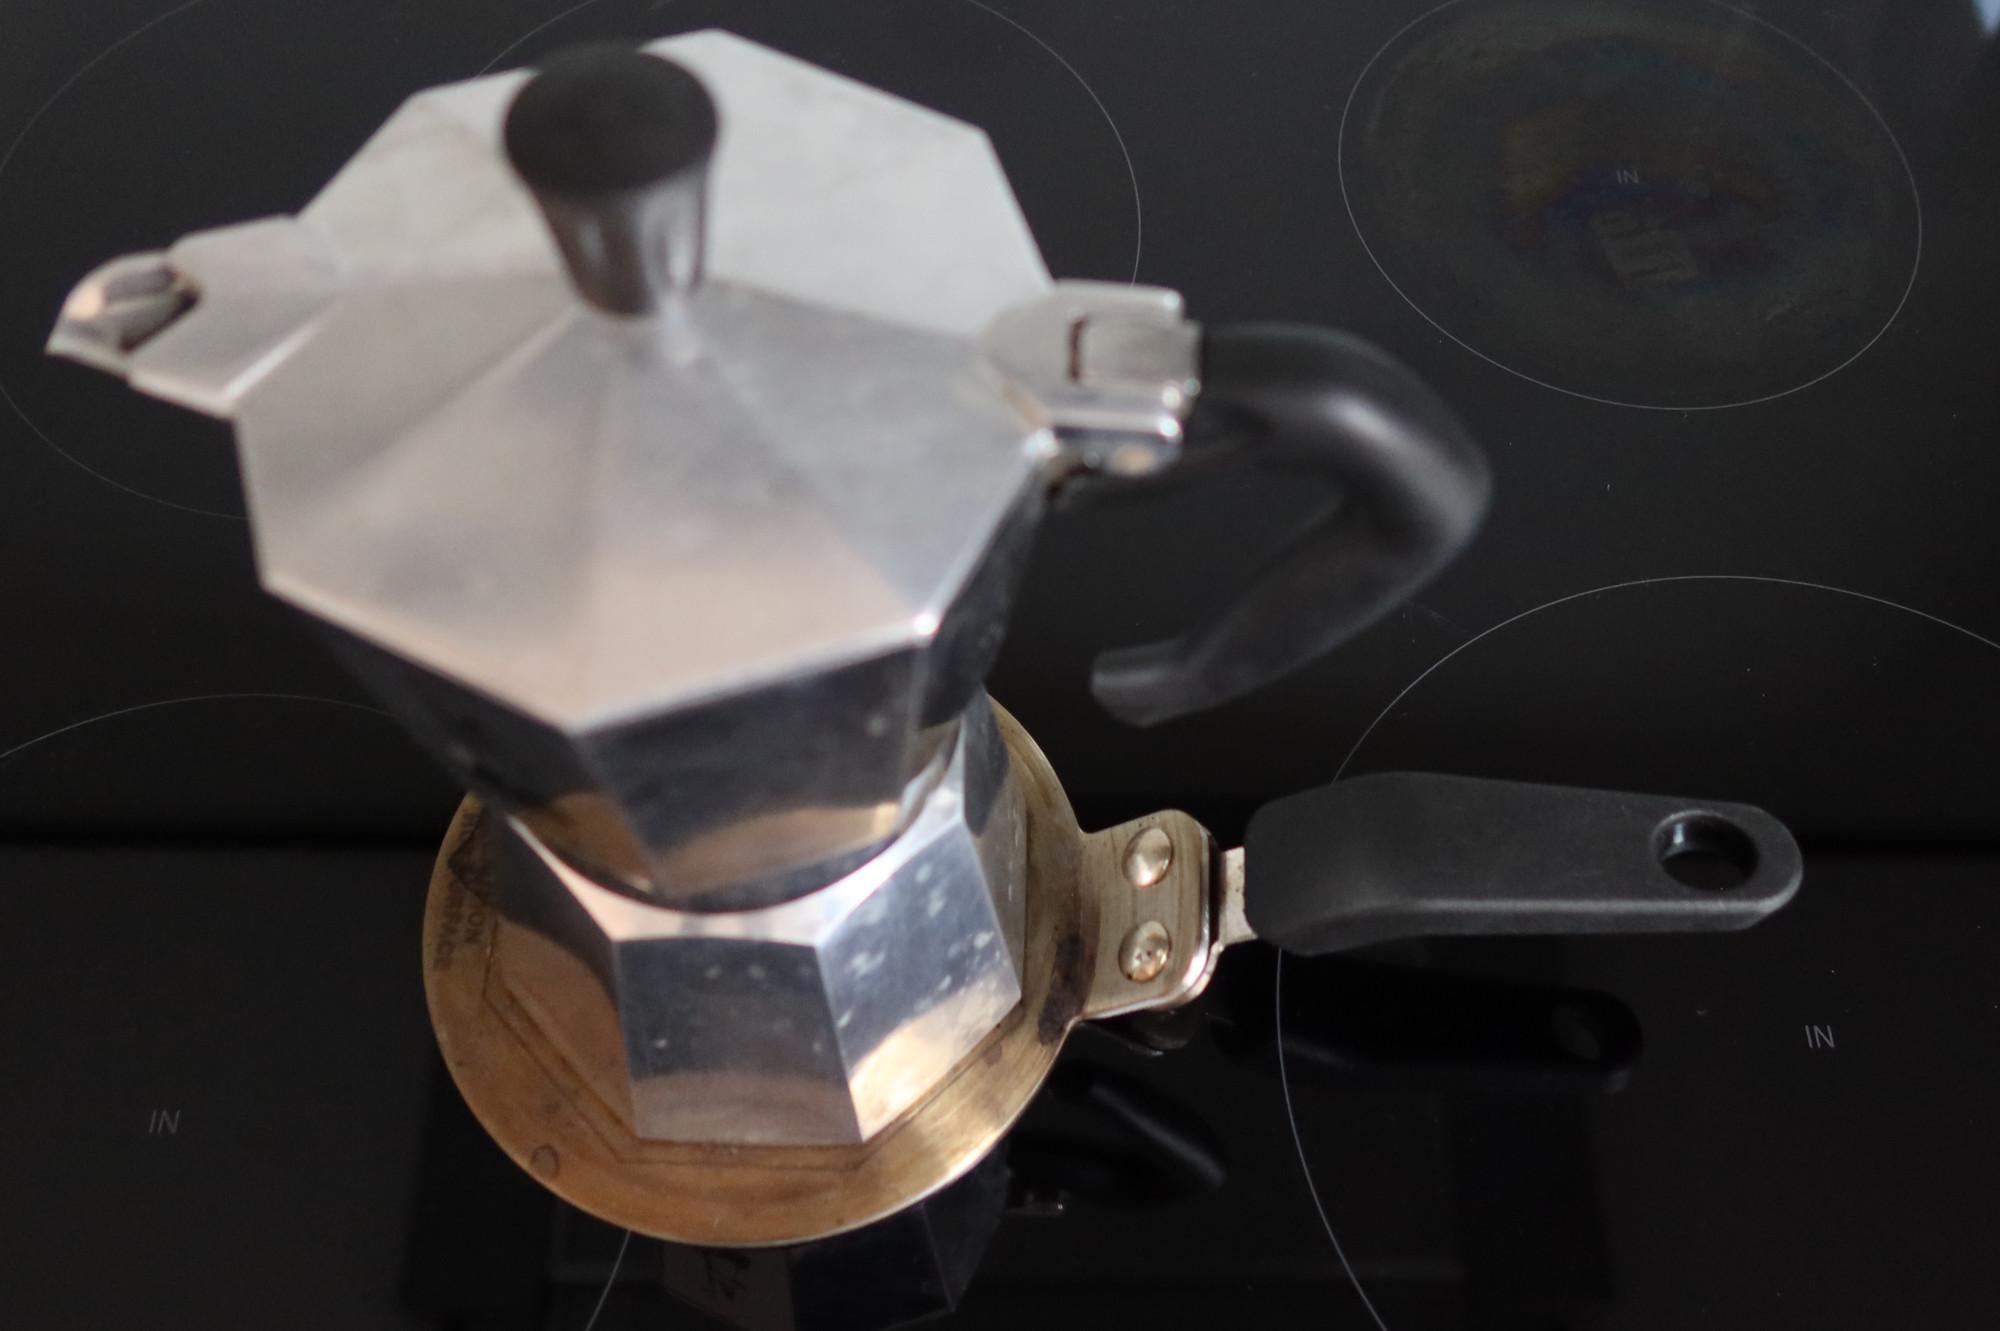 Espressokocher auf einer Adapterplatte für Induktion